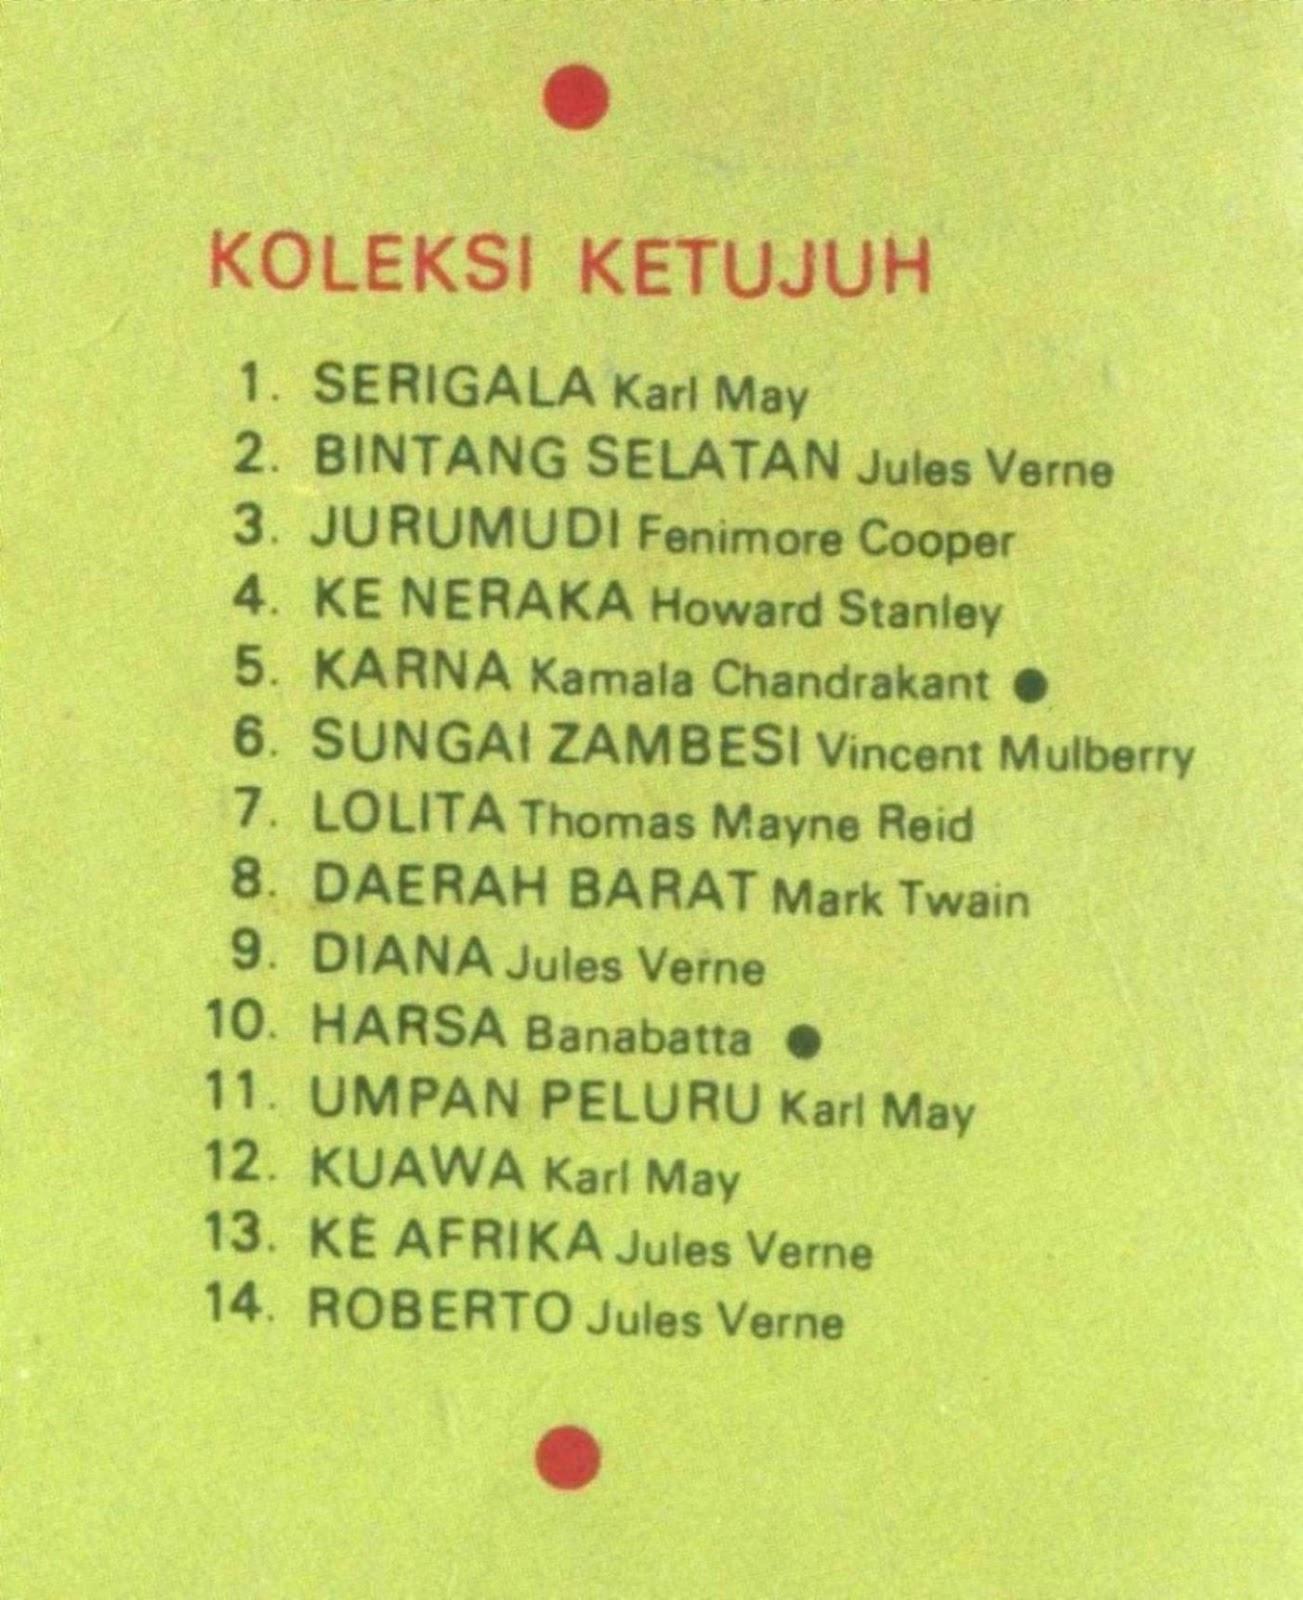 Seluruh 14 Album Cerita Ternama pada Koleksi KeTujuh di daftar ini,